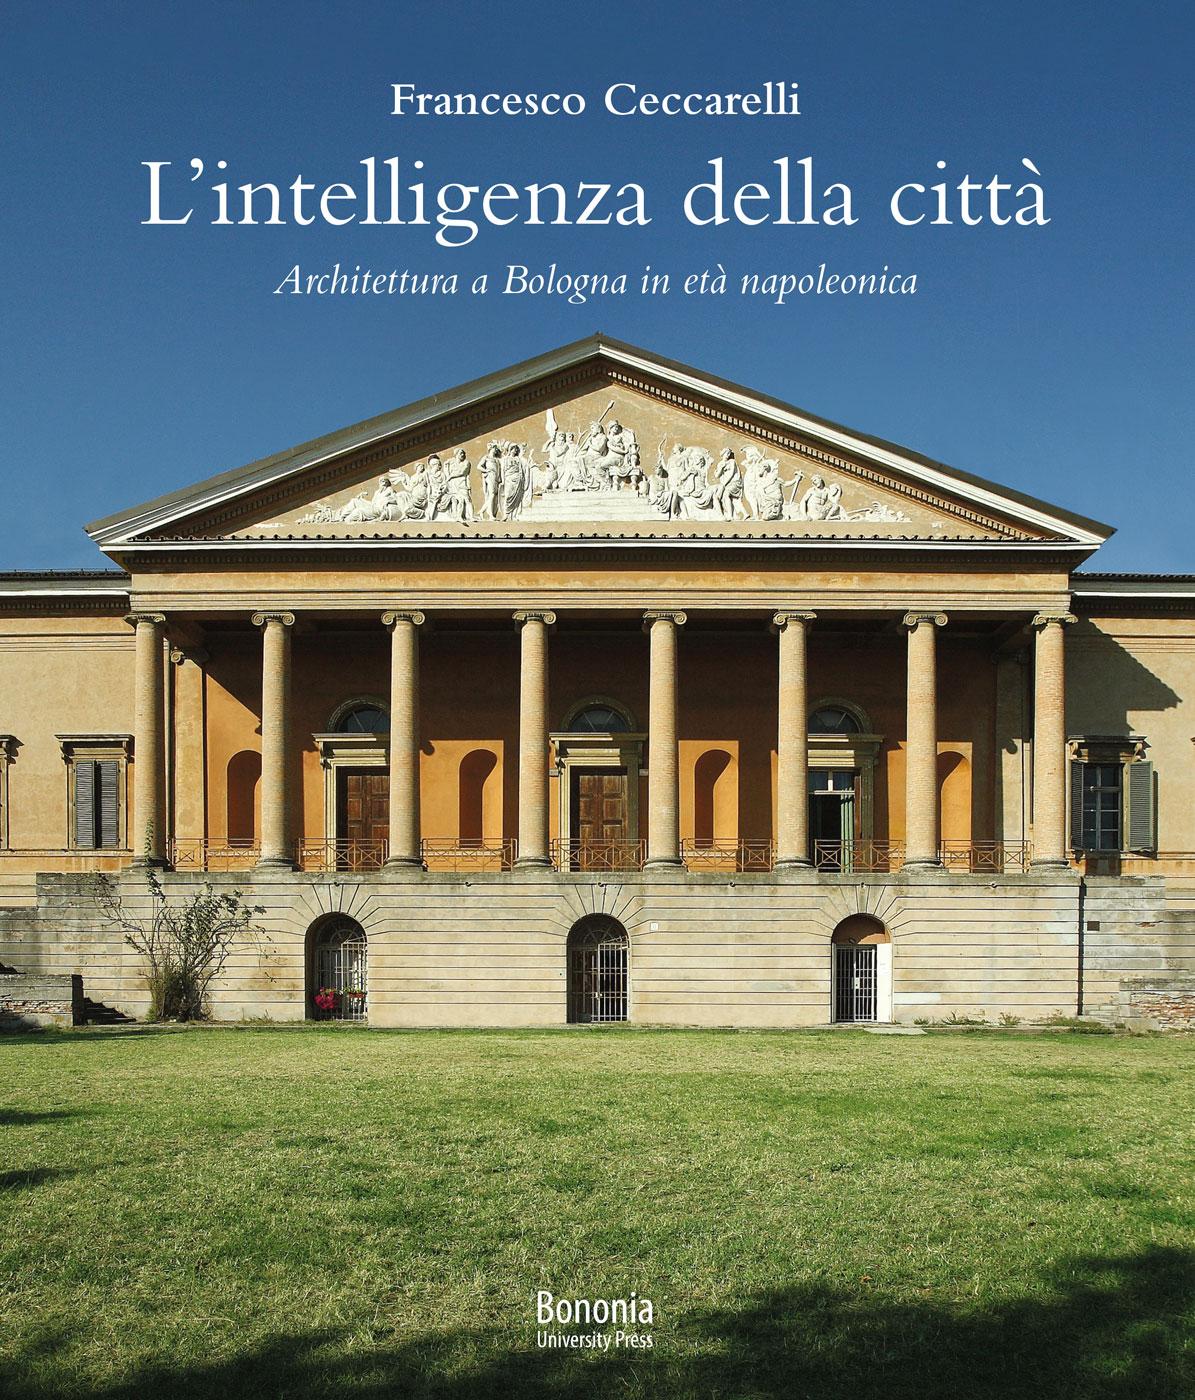 L'intelligenza della città - Bononia University Press